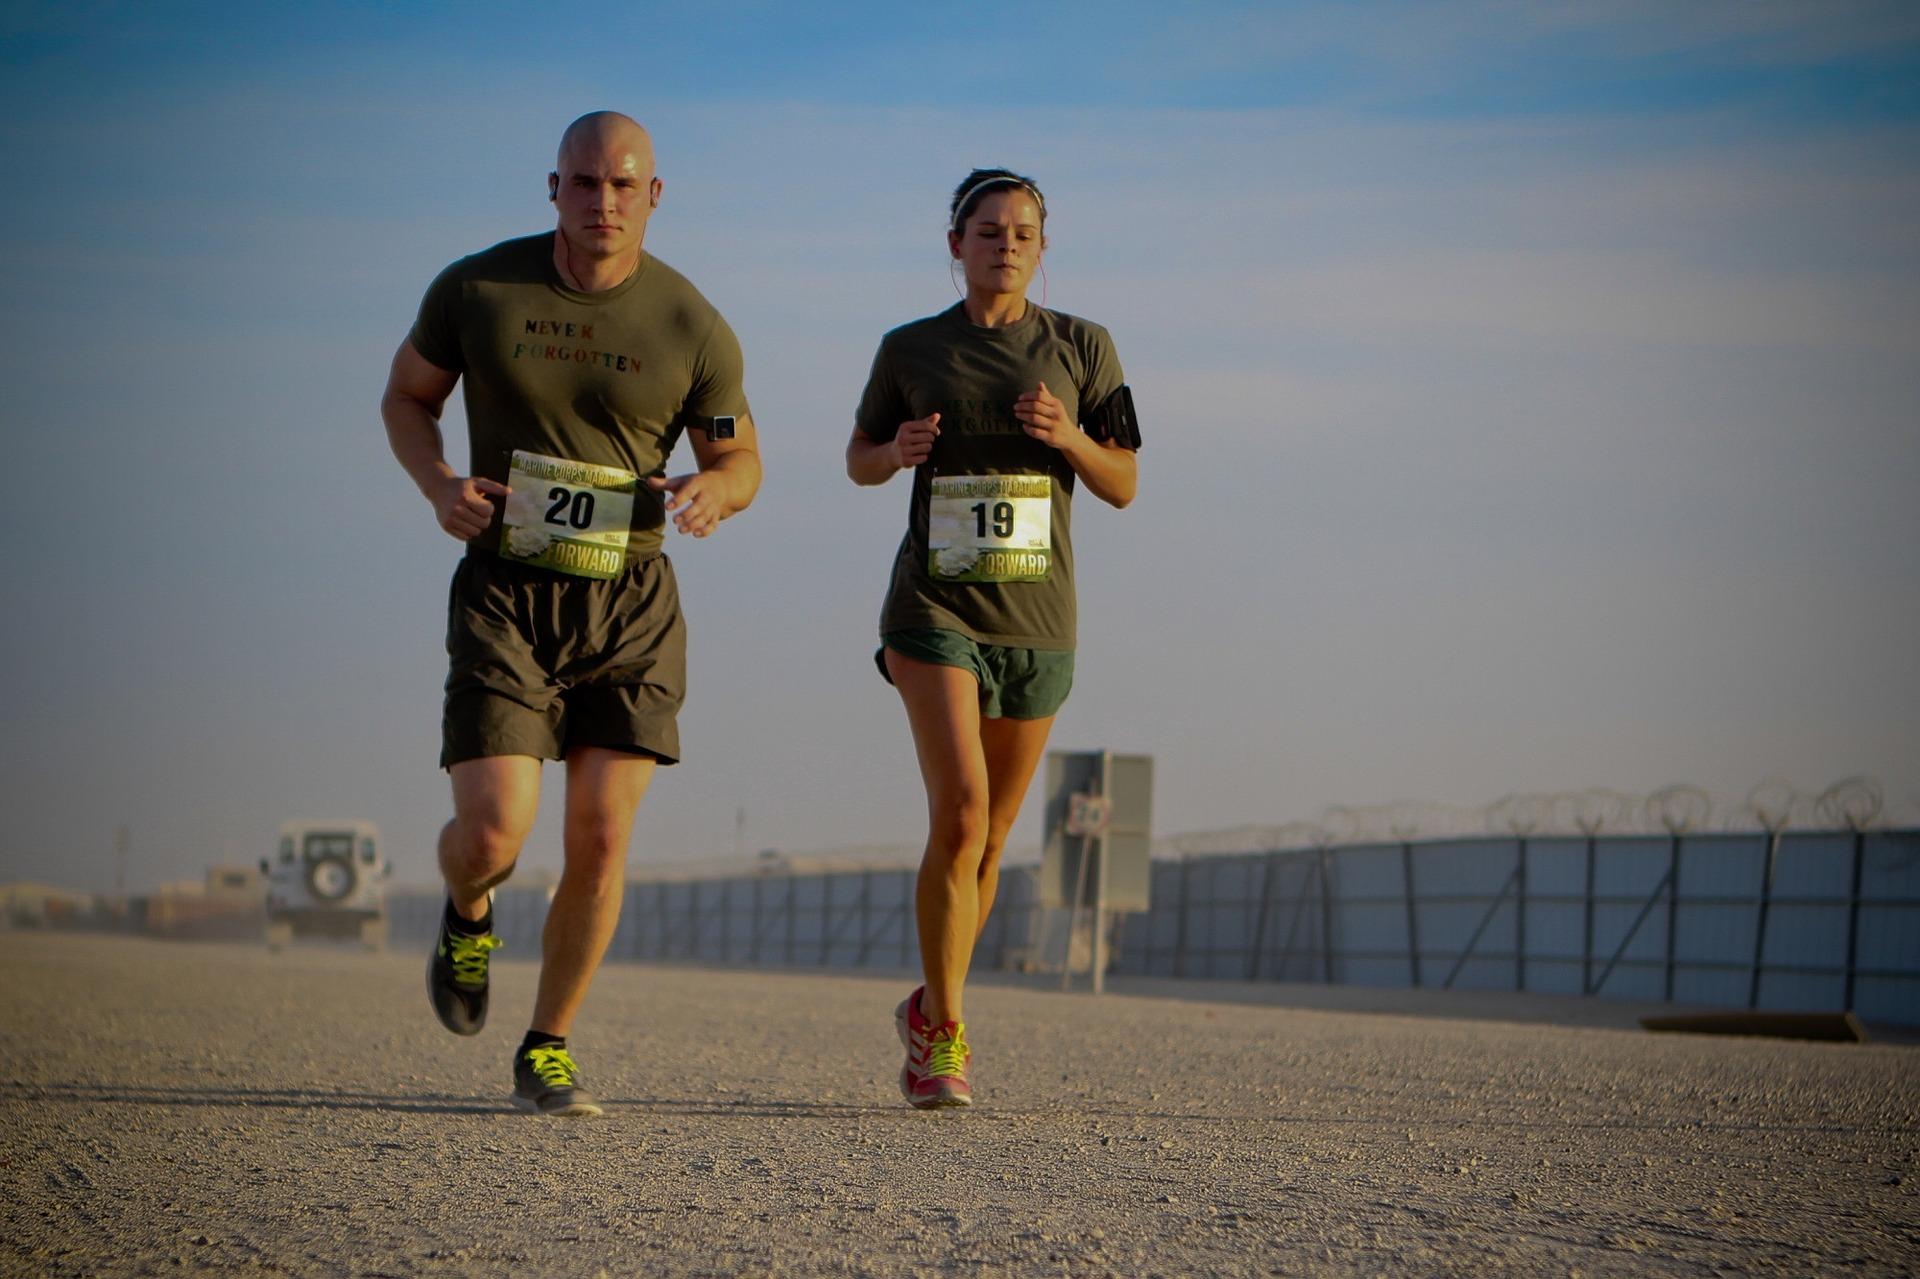 runners-888021_1920